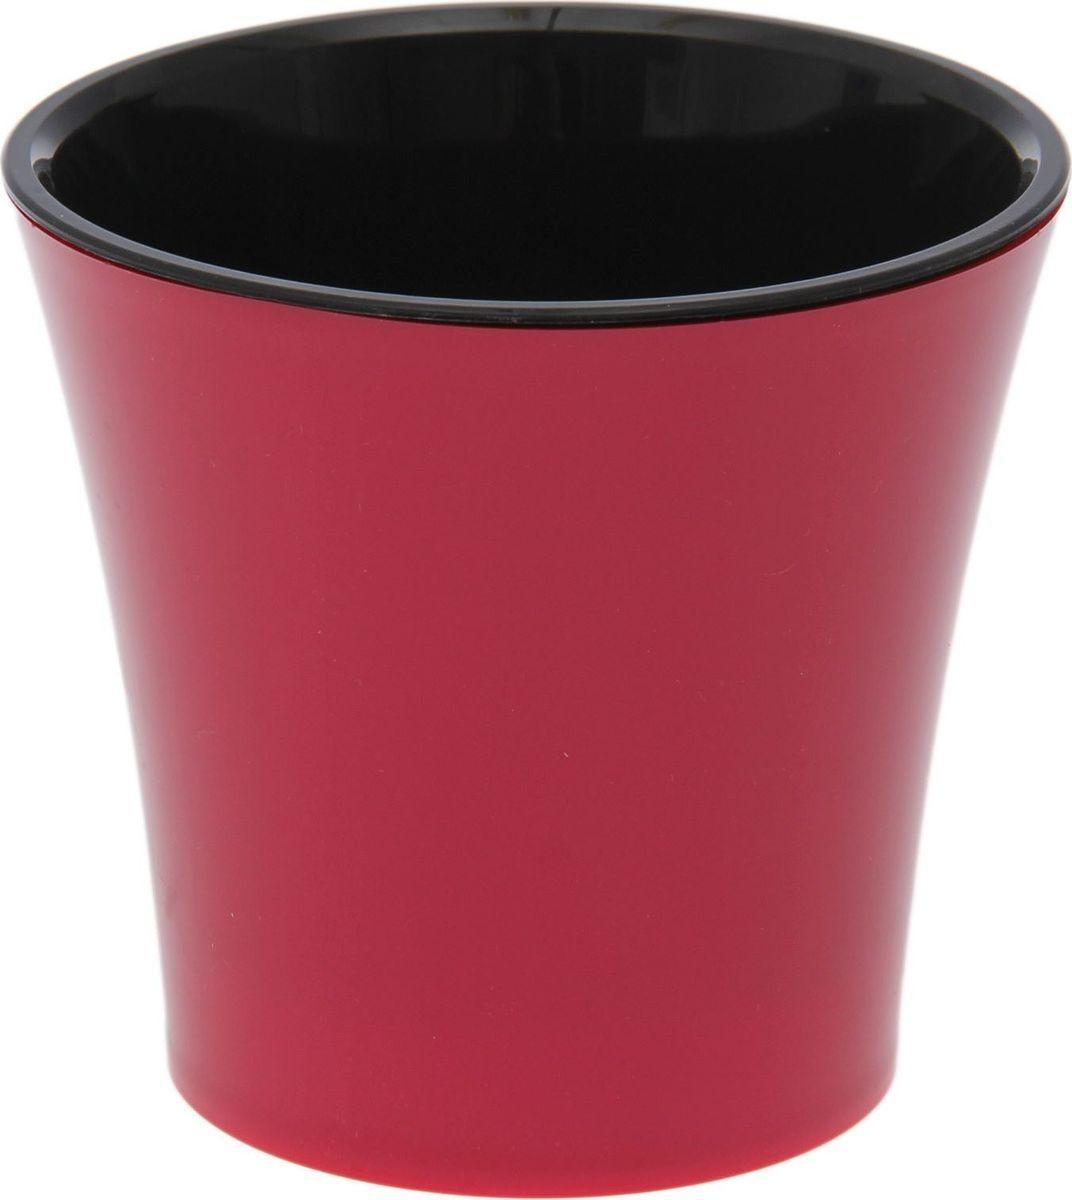 Горшок для цветов Santino Арте, цвет: красный, черный, 0,6 л1170546Горшок Santino Арте, выполненный из высококачественного пластика, предназначен длявыращивания комнатных цветов, растений и трав.Специальная конструкция обеспечивает вентиляцию в корневой системе растения, а дренажныеотверстия позволяют выходить лишней влаге из почвы. Такой горшок порадует вассовременным дизайном и функциональностью, а также оригинально украсит интерьер любогопомещения. Размеры внутреннего вкладыша - высота 10 см, верхний диаметр - 11 см,нижний - 8 см.